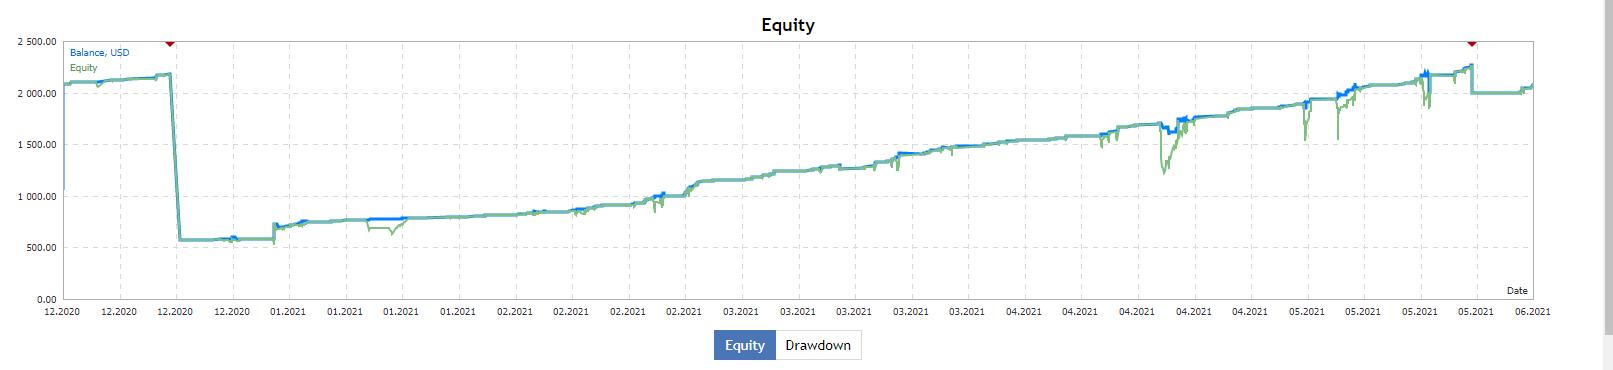 証拠金と含み損の推移チャート